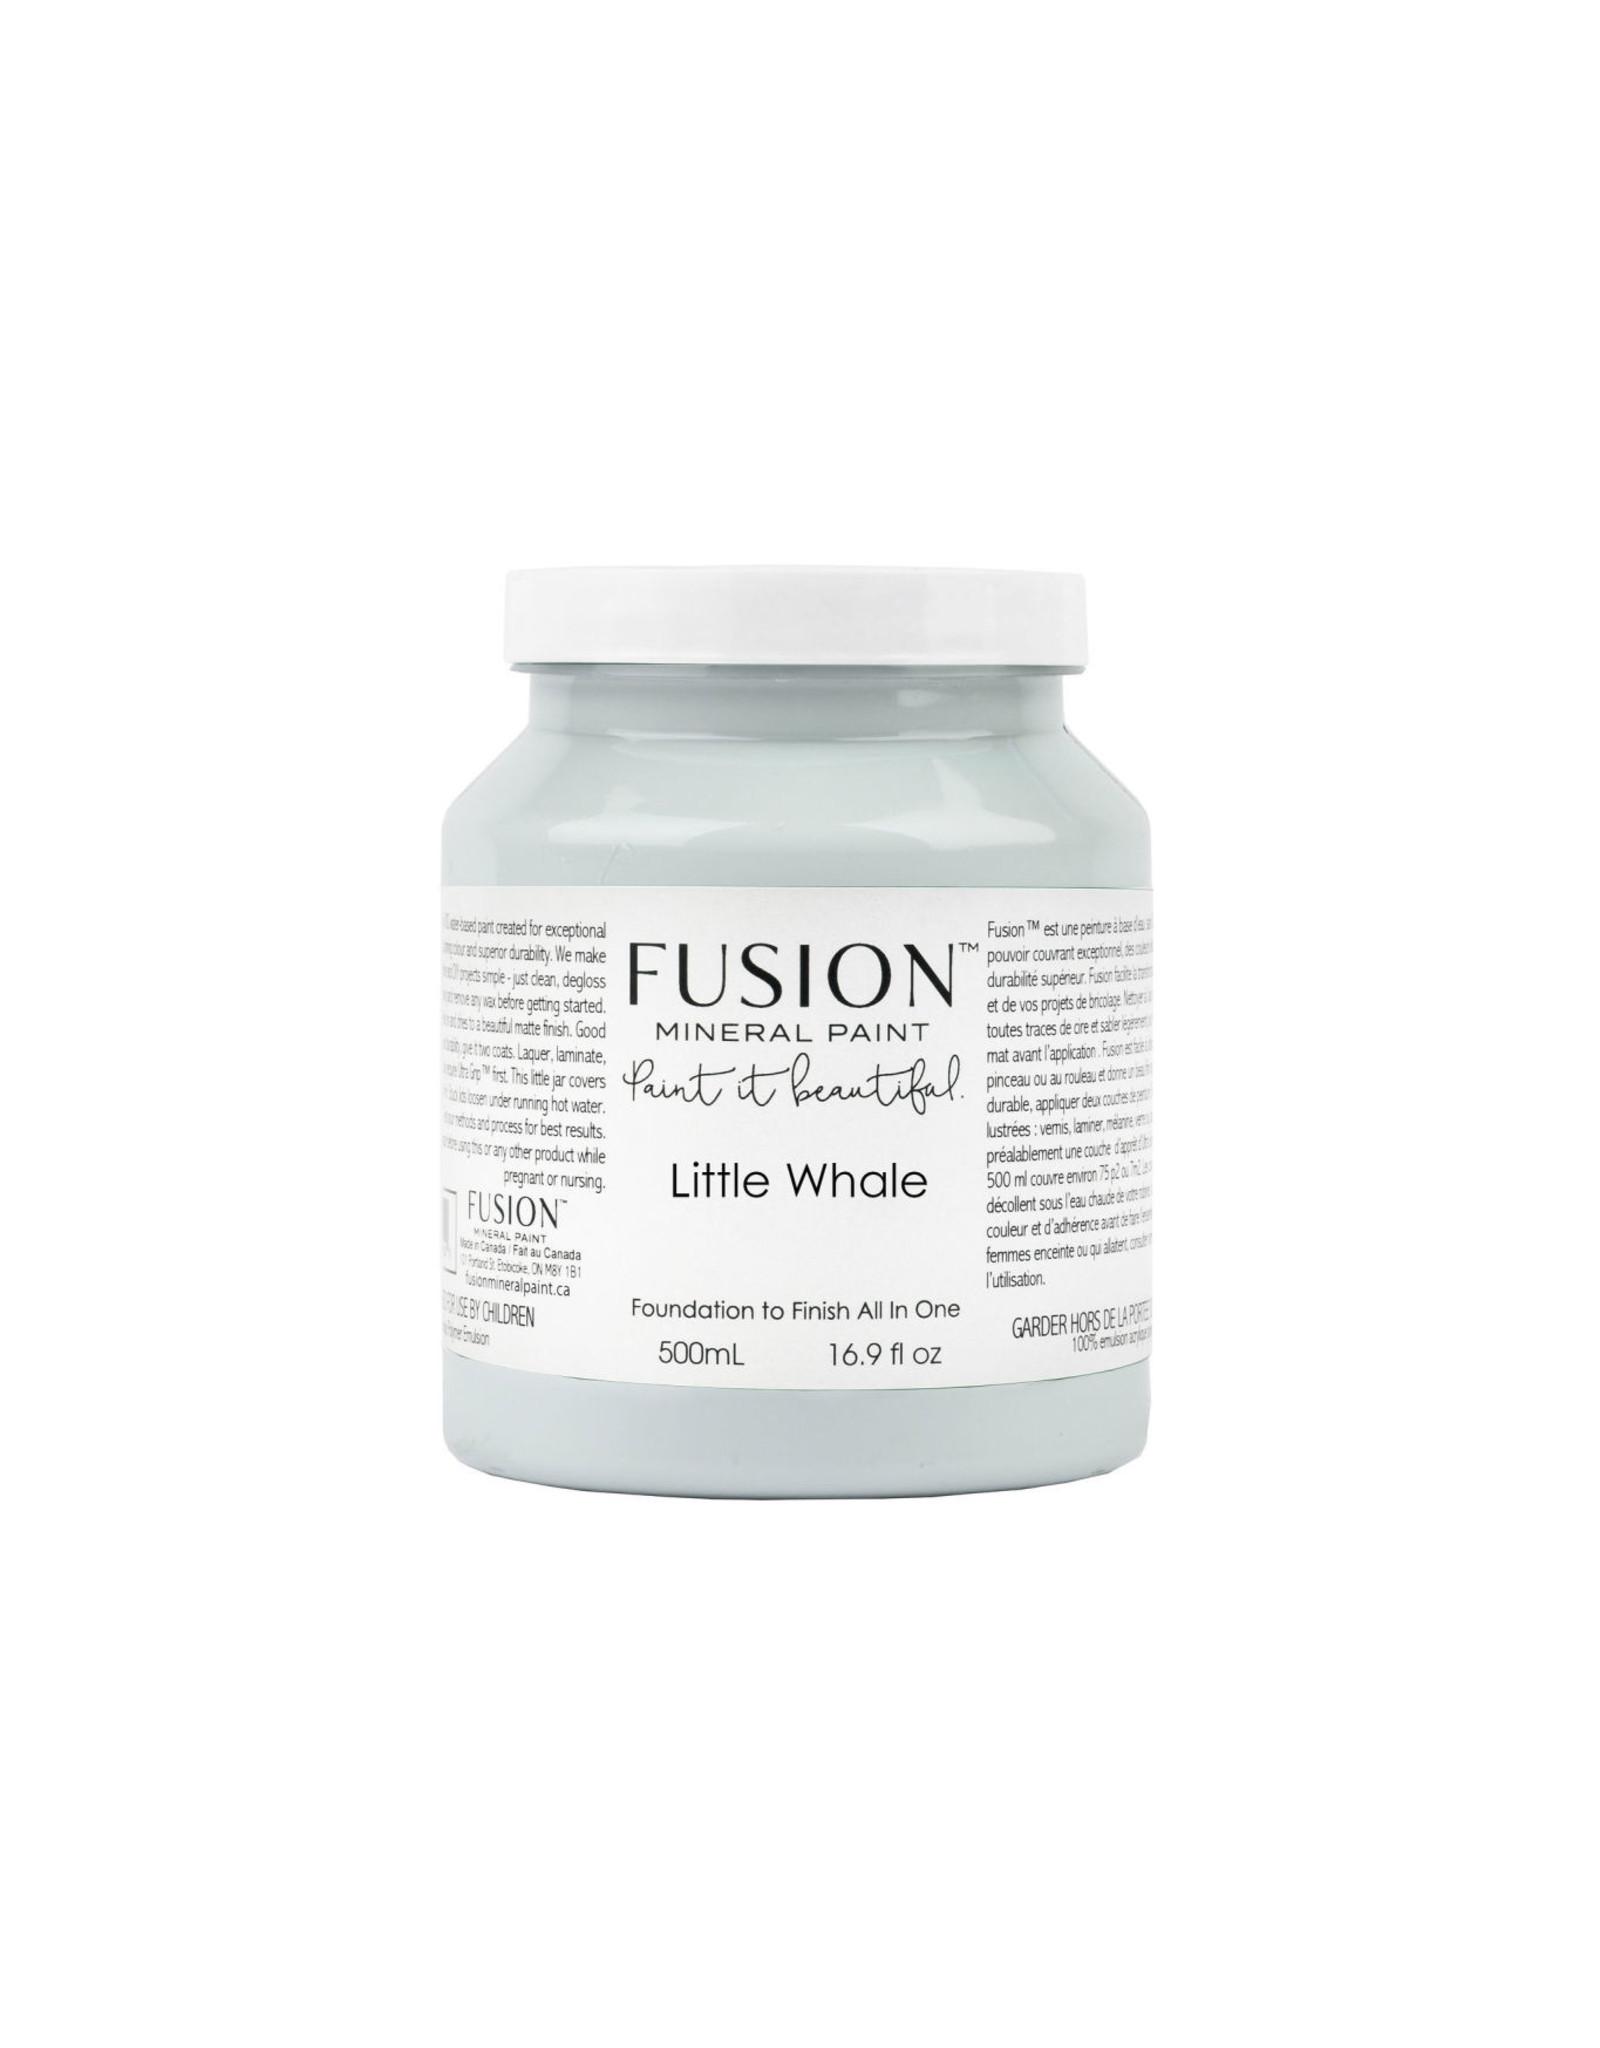 Fusion Mineral Paint Fusion Mineral Paint - Little Whale 500ml